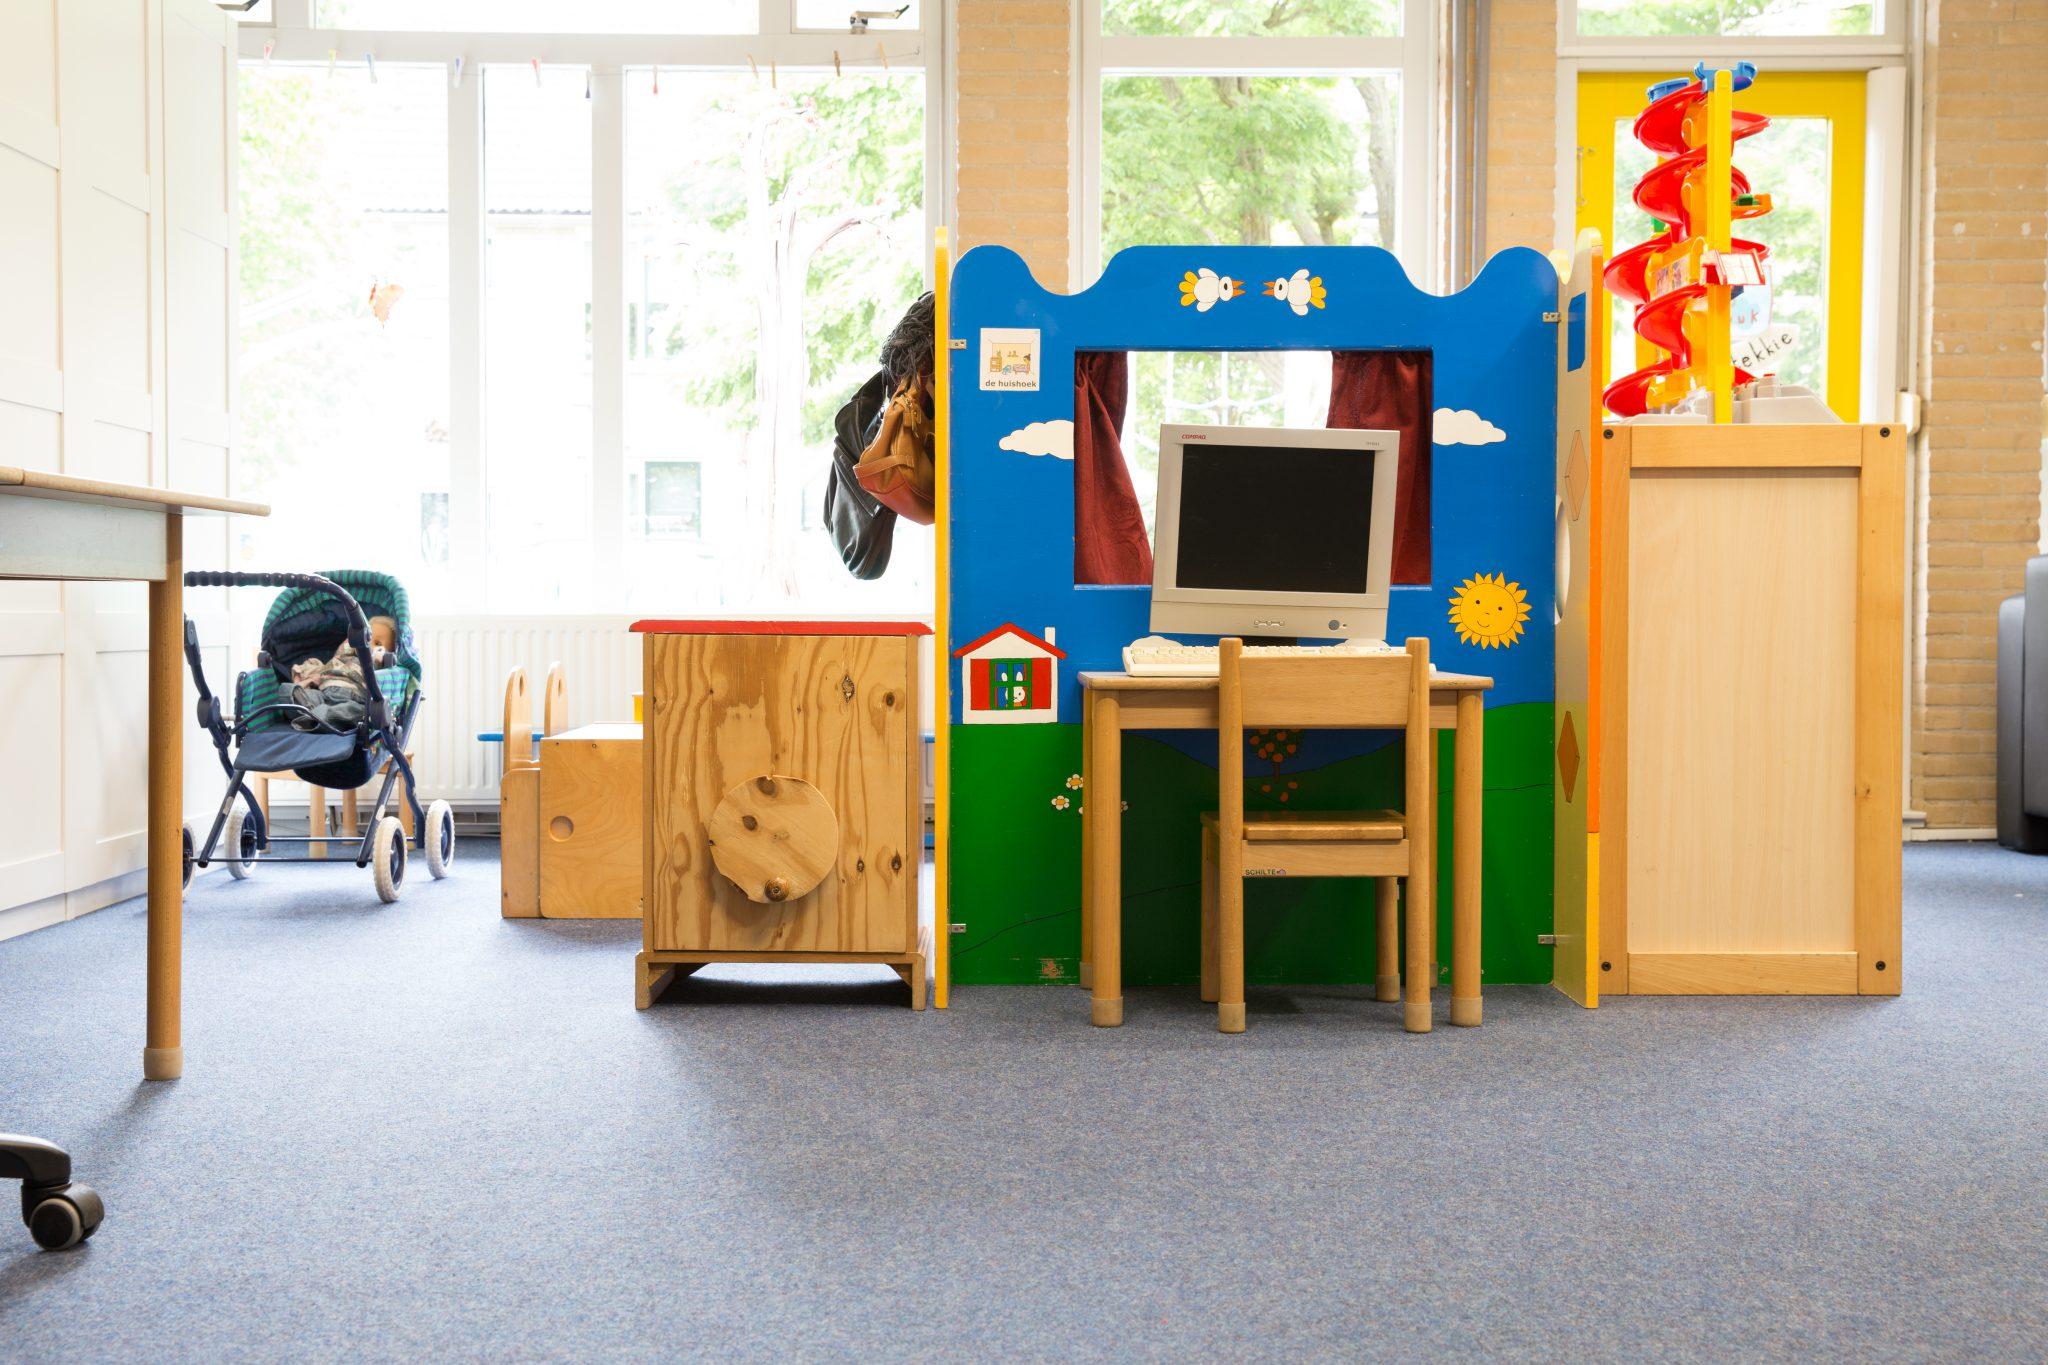 speelhuis van BSO Polsbroek